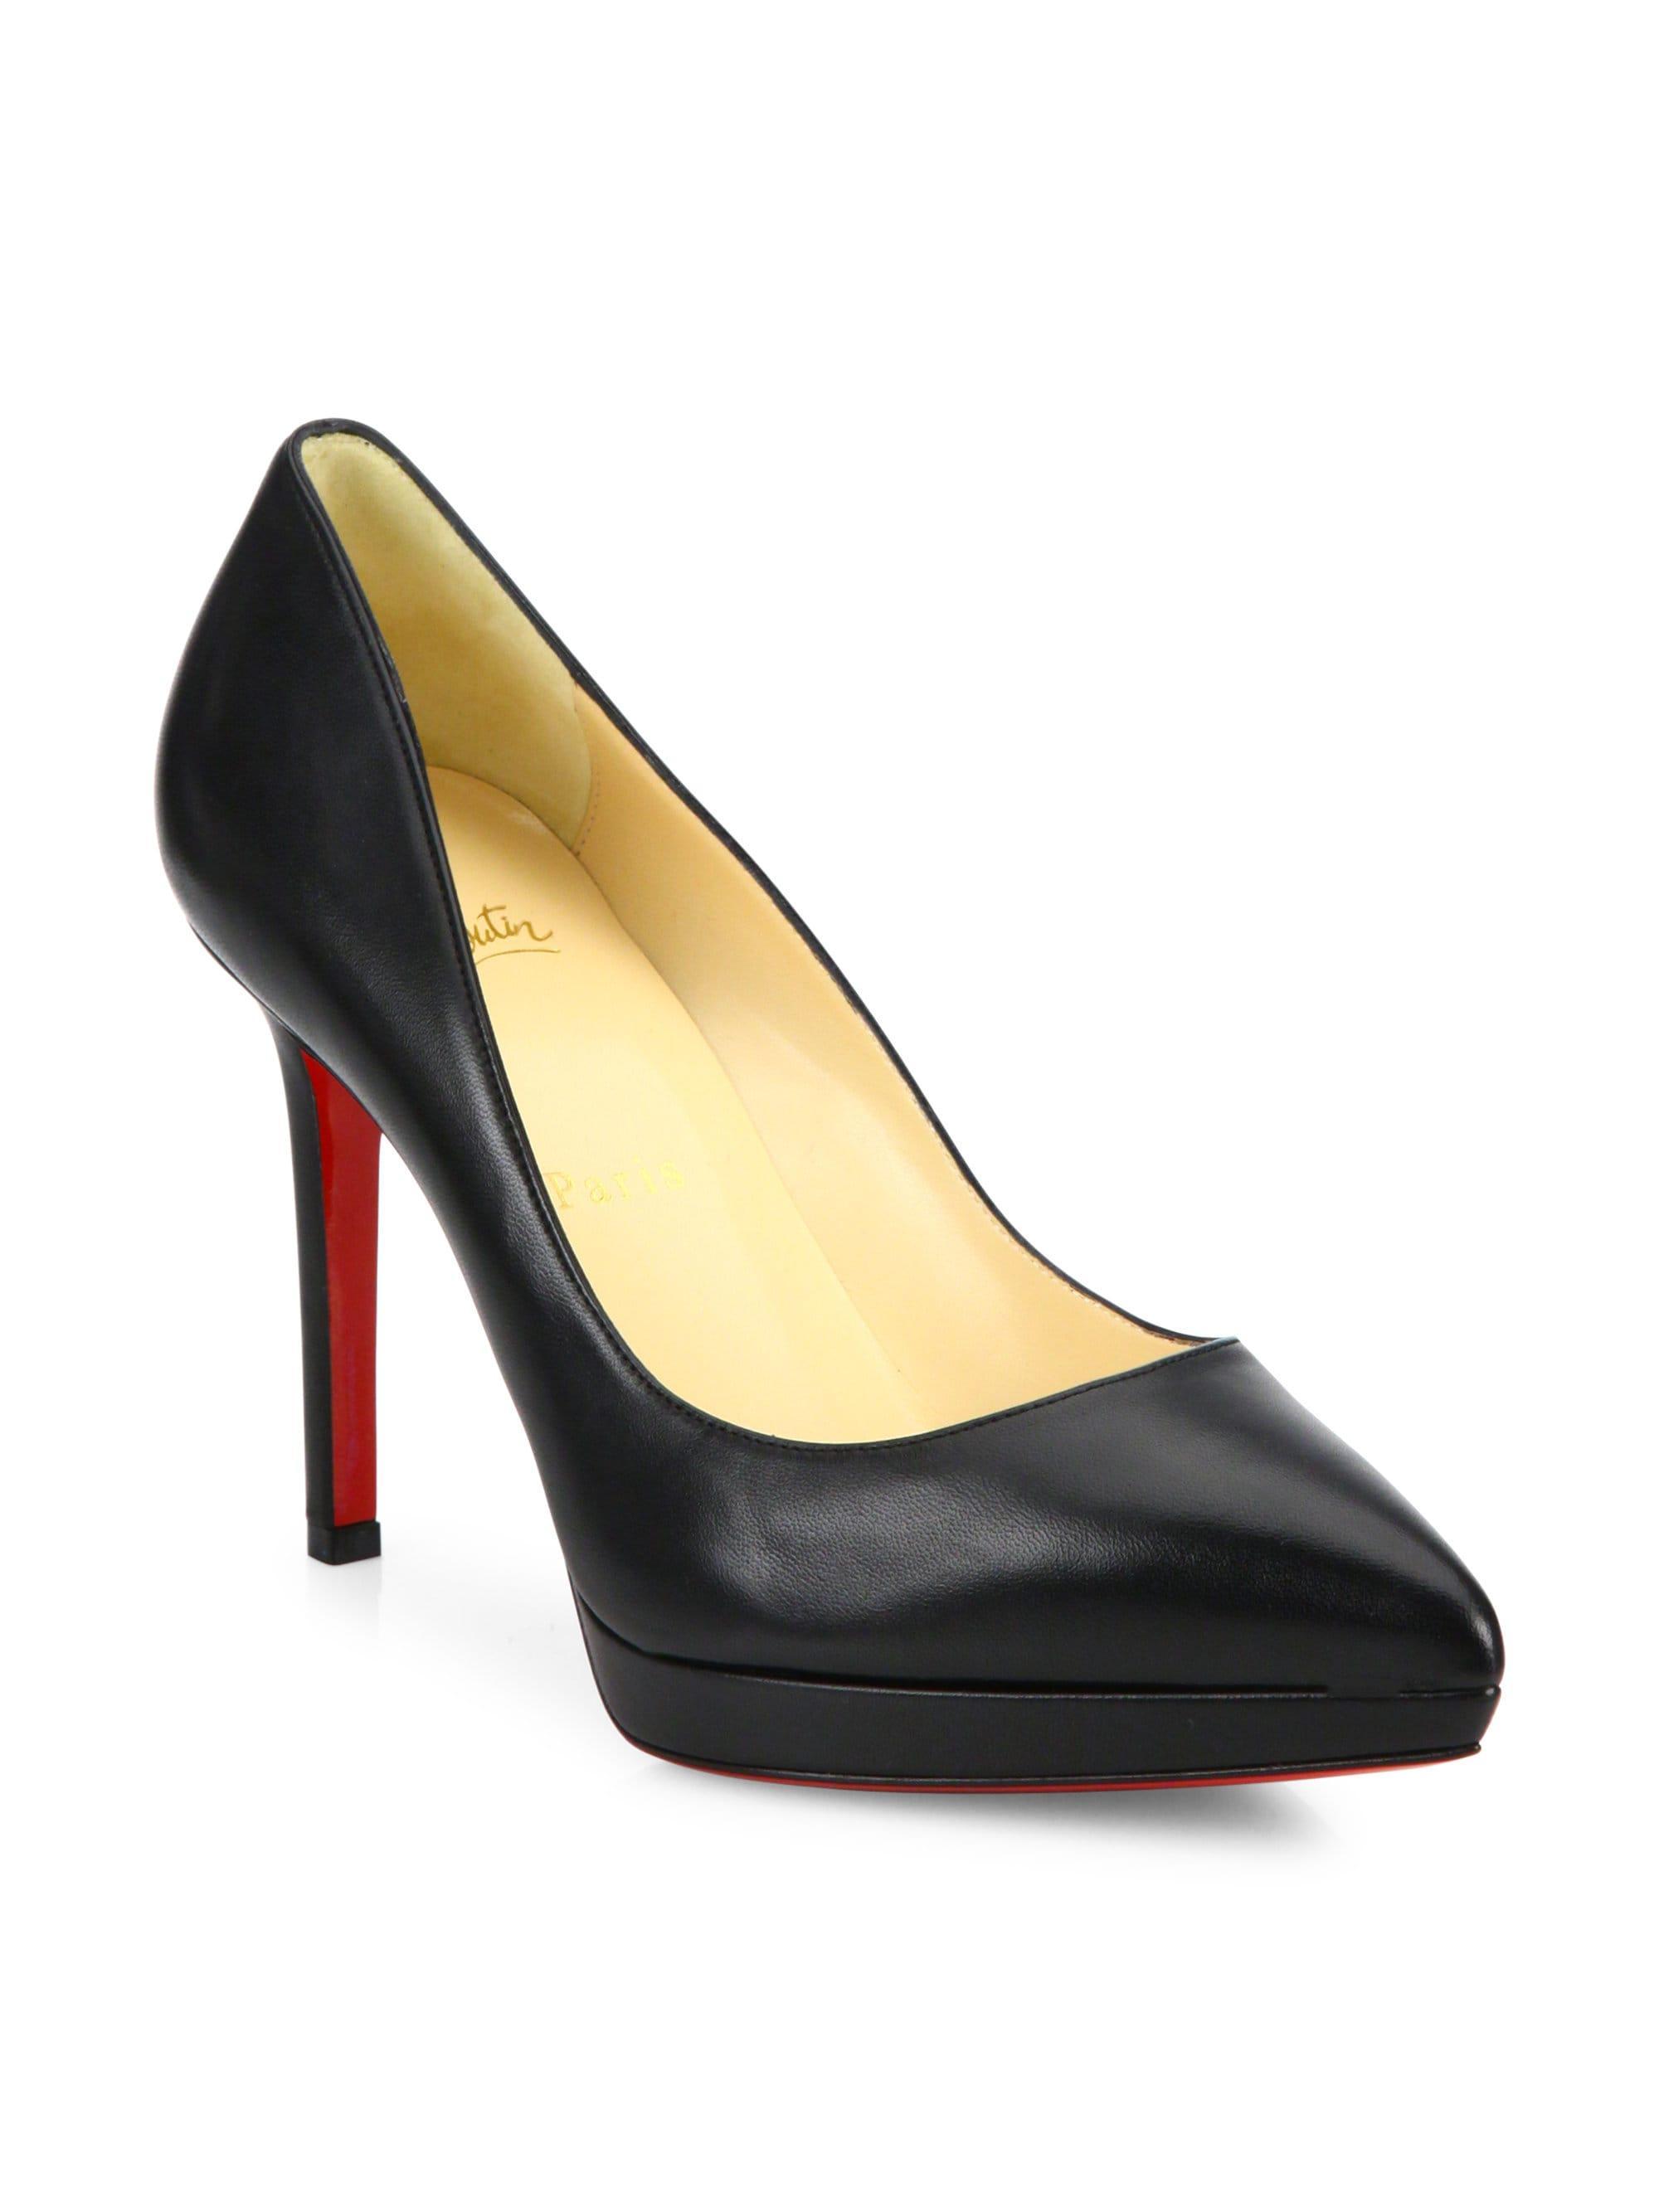 1e932e7d0c2b Christian Louboutin. Women s Pigalle Plato 100 Leather Point Toe Platform  Pumps - Black